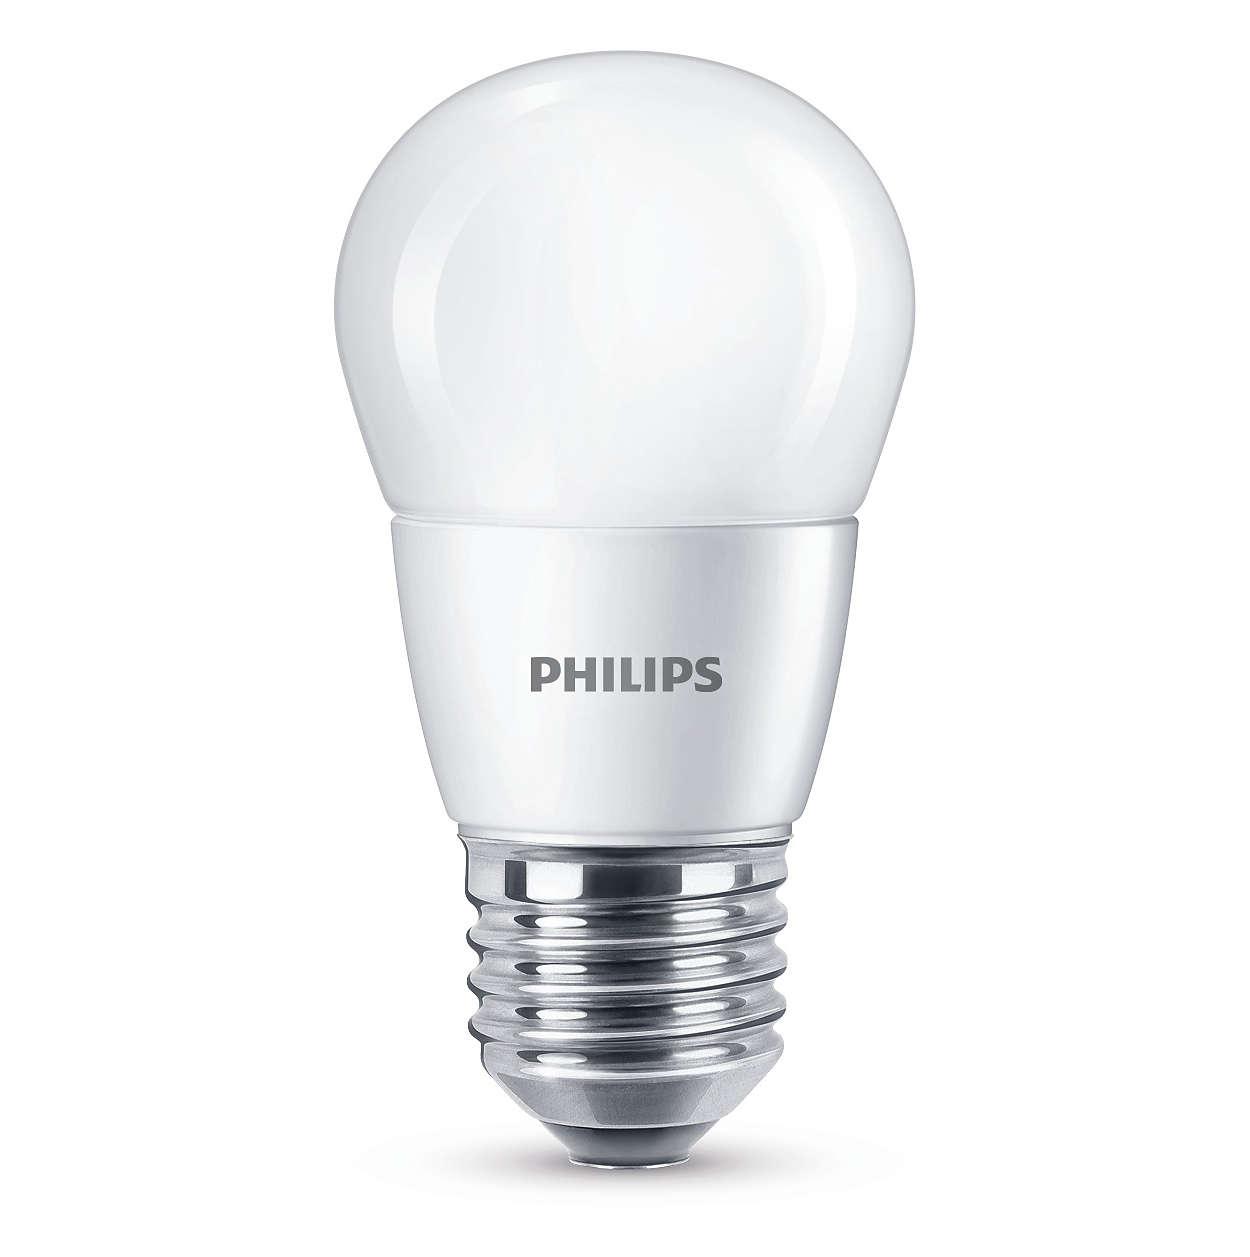 Ζεστό φως, χωρίς συμβιβασμούς στην ποιότητα του φωτισμού